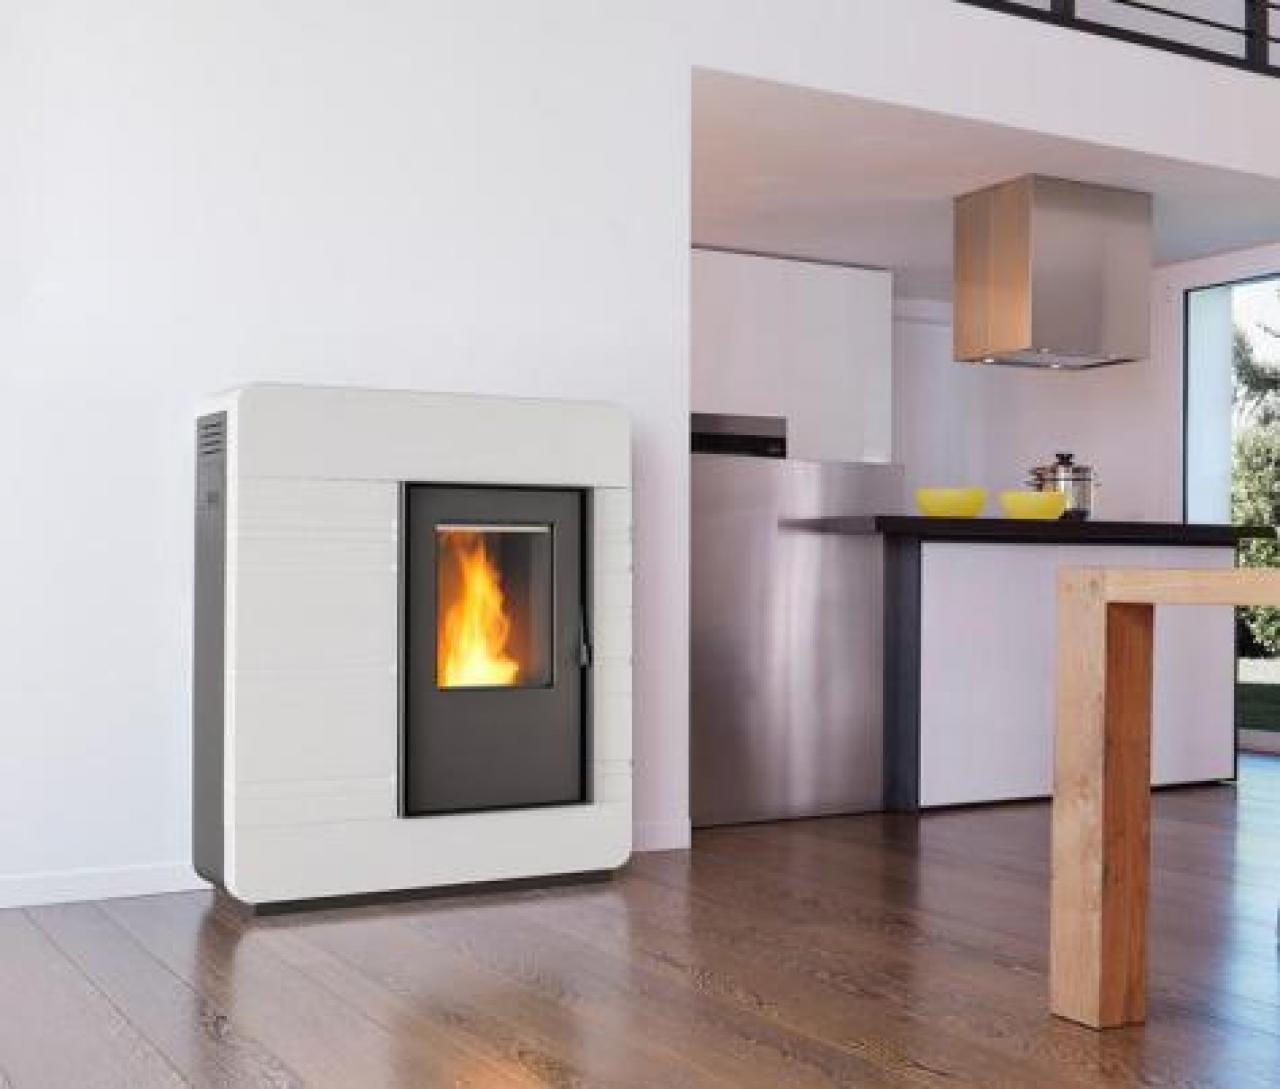 Valutare Lu0027efficienza Energetica E Lu0027impatto Ambientale: Scegliendo Un  Moderno Sistema Di Riscaldamento A Pannelli Radianti (pavimento/  Battiscopa/soffitto) ...